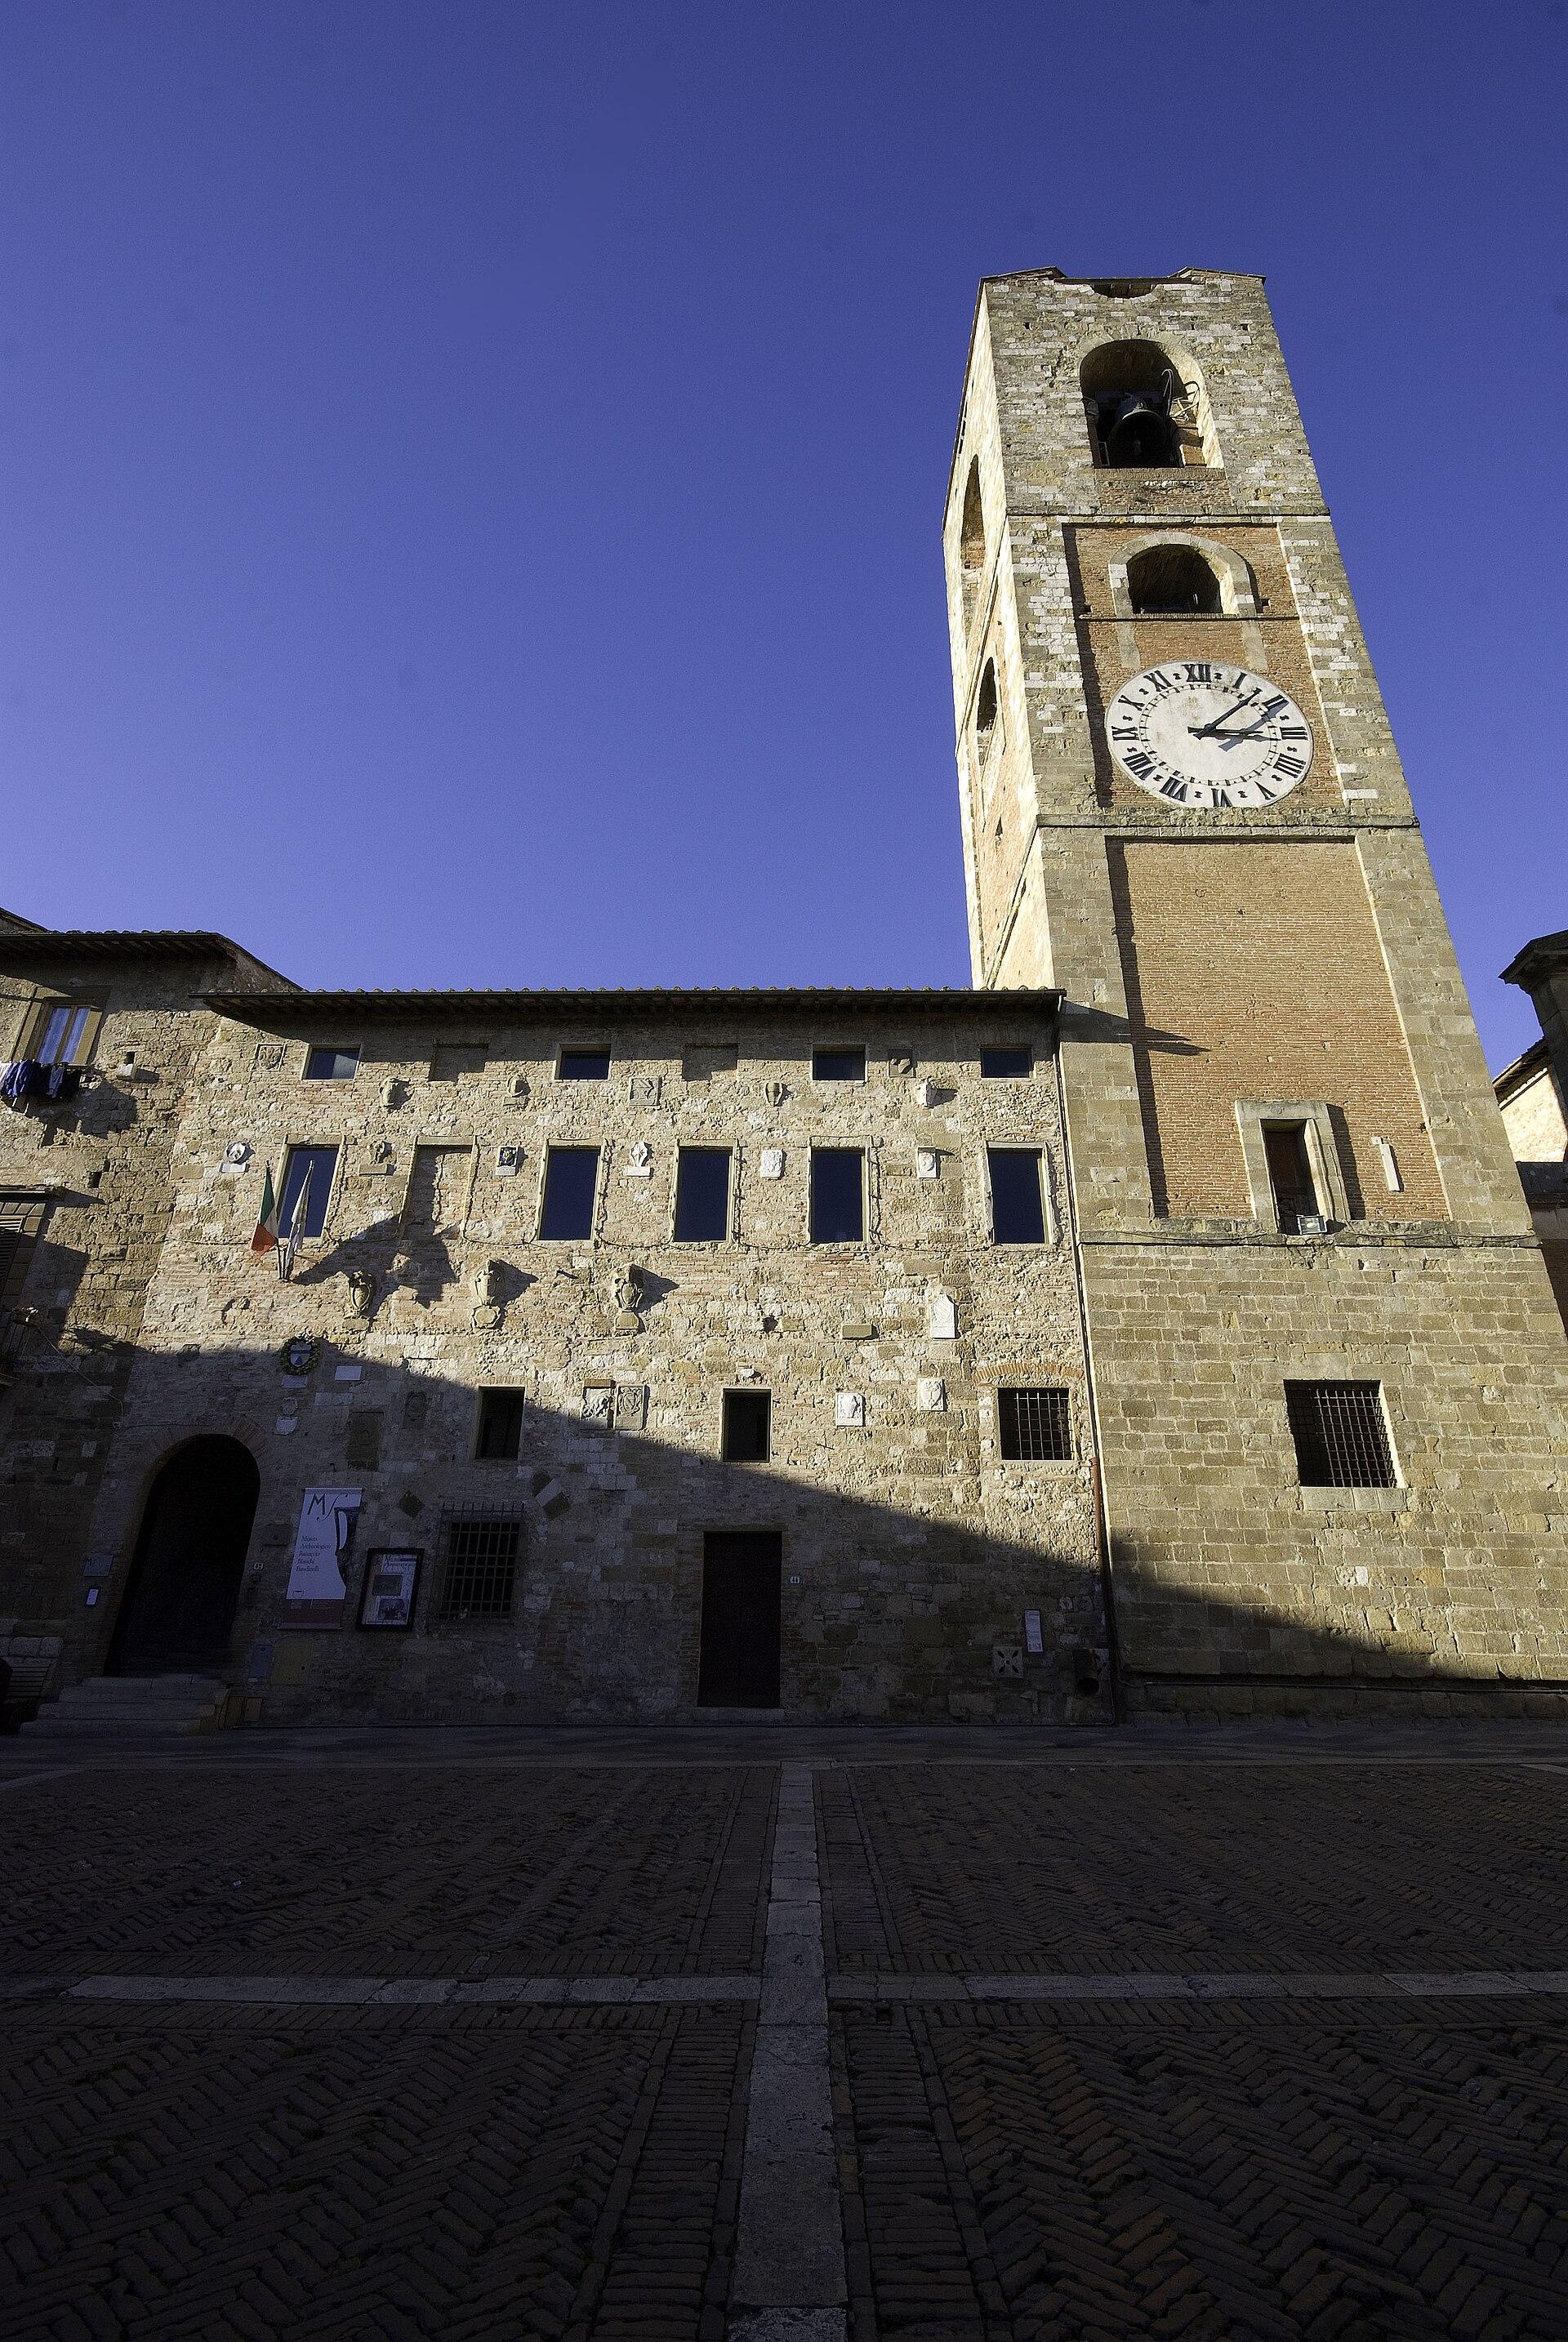 Palazzo pretorio colle val d 39 elsa wikipedia for Gr2 arredamenti colle val d elsa